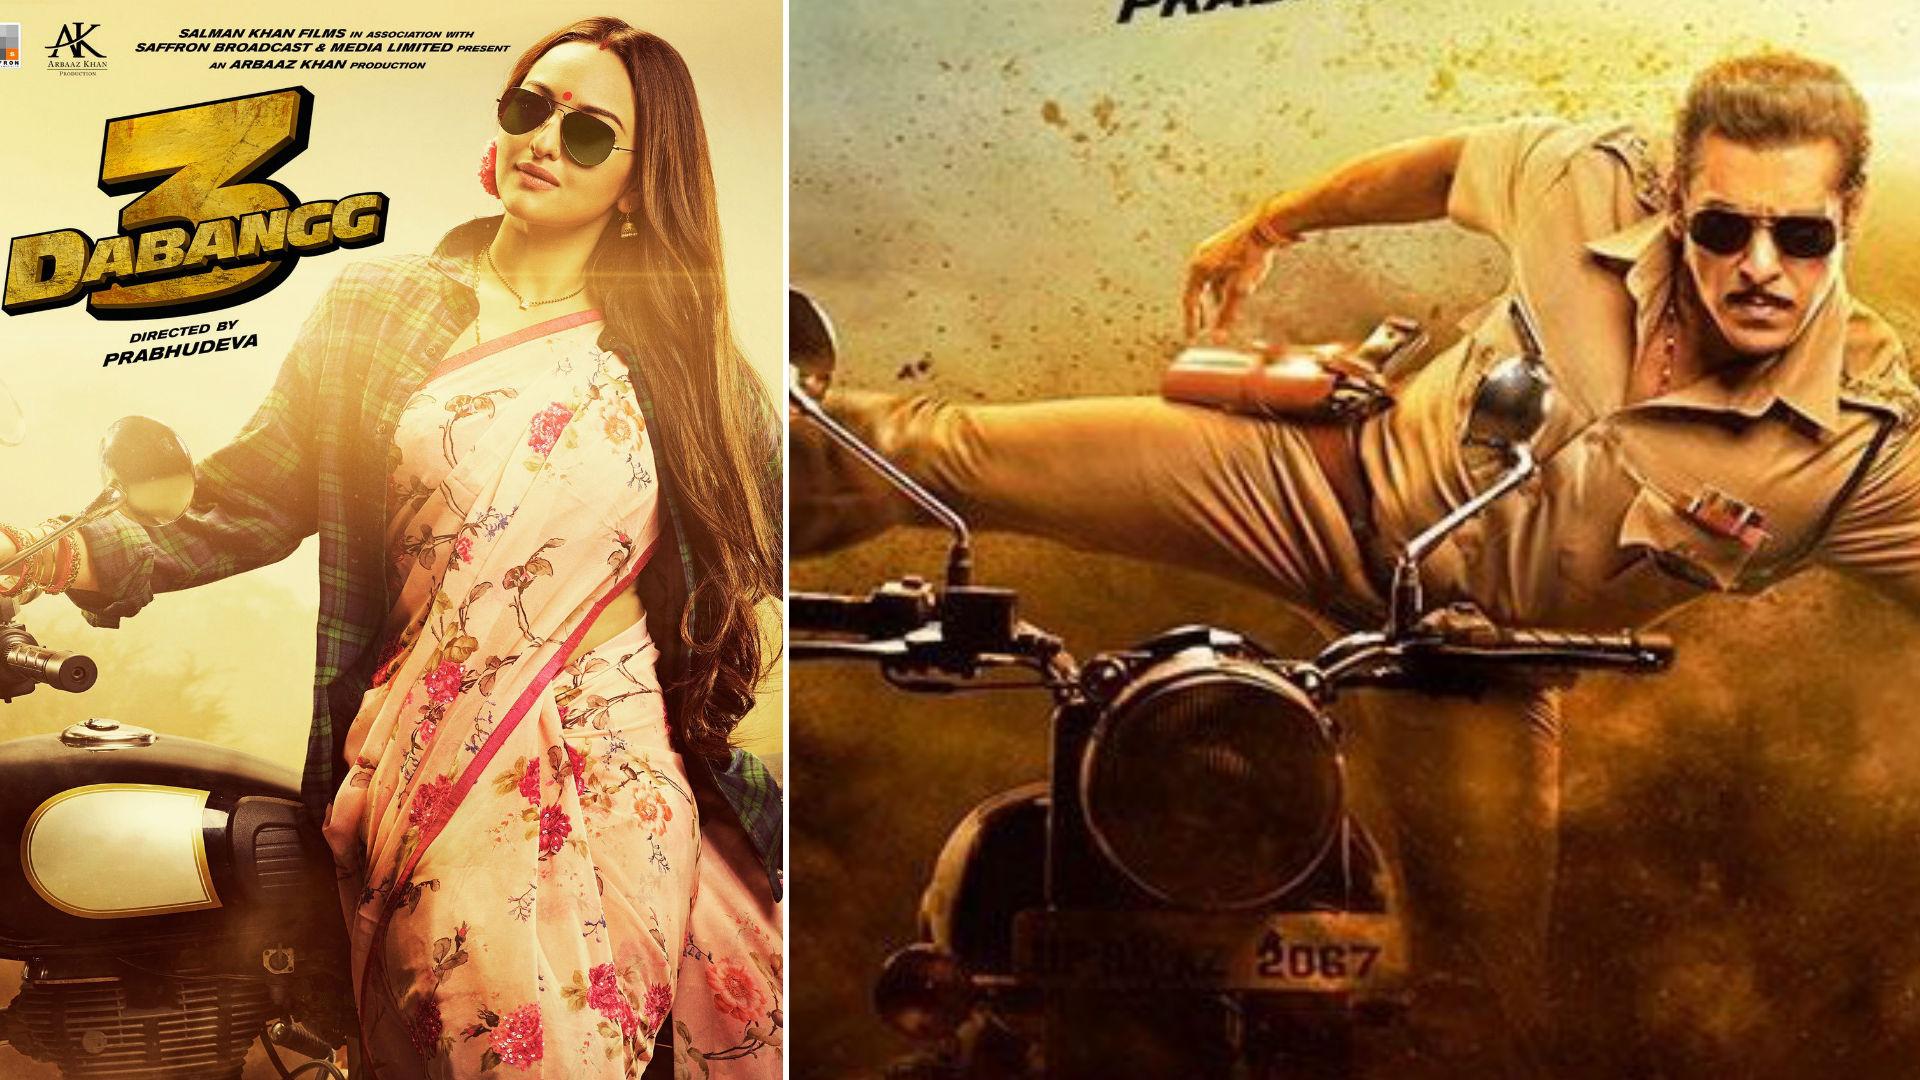 Dabangg 3 Movie: दबंग 3 के चुलबुल पांडे ने स्वैग से किया रज्जो सोनाक्षी सिन्हा का स्वागत, शेयर किया ये वीडियो